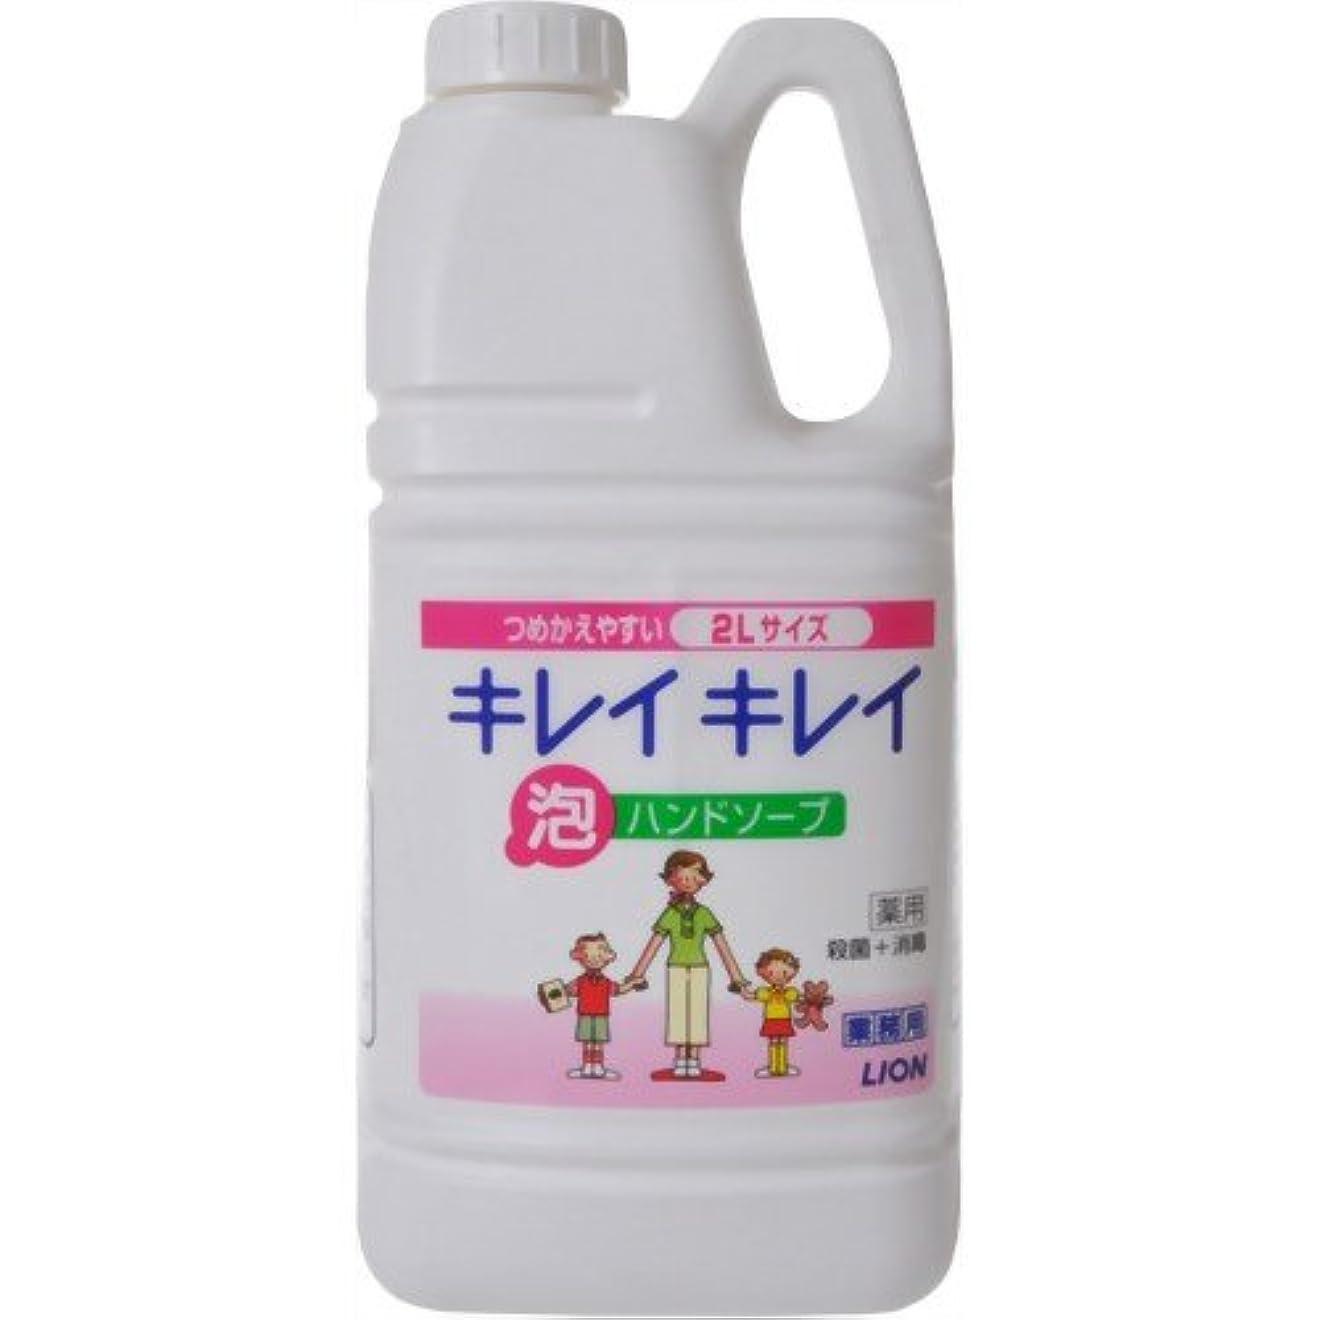 年次赤ハントキレイキレイ薬用泡ハンドソープ2L(業務用)